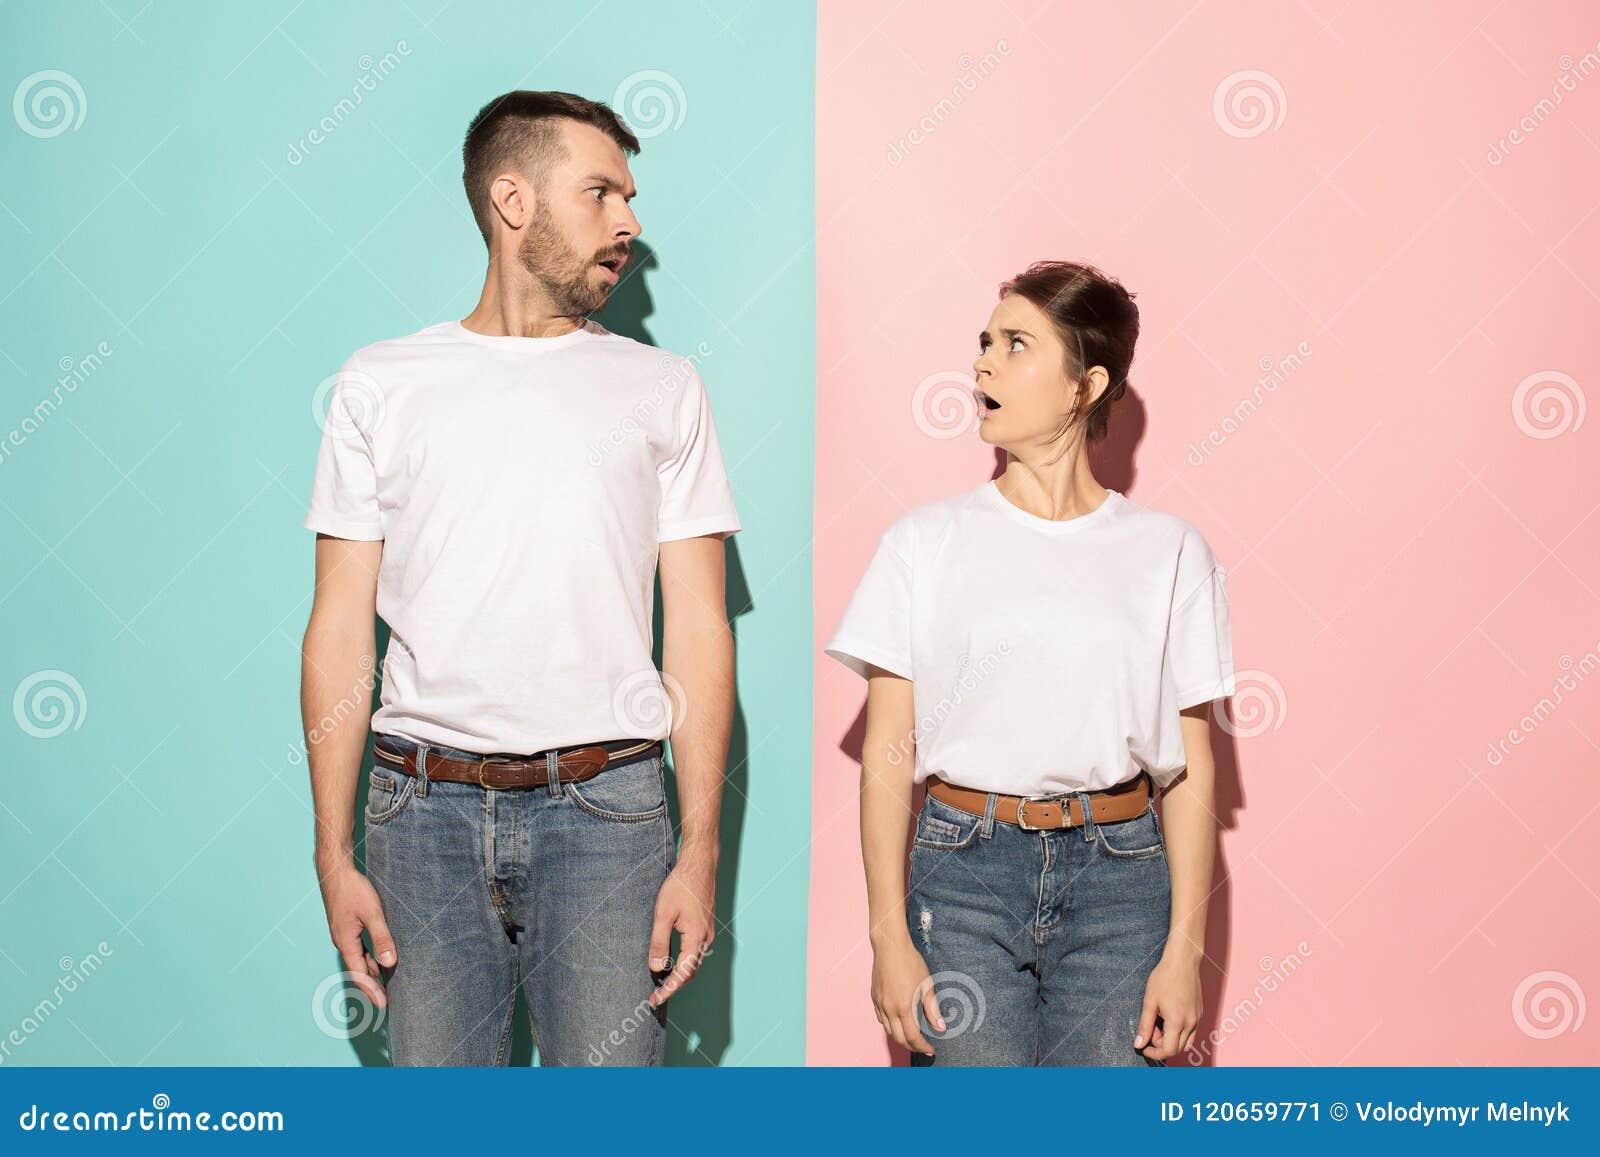 Wow Twijfelachtig peinzend paar met nadenkende uitdrukking die keus maken tegen roze achtergrond